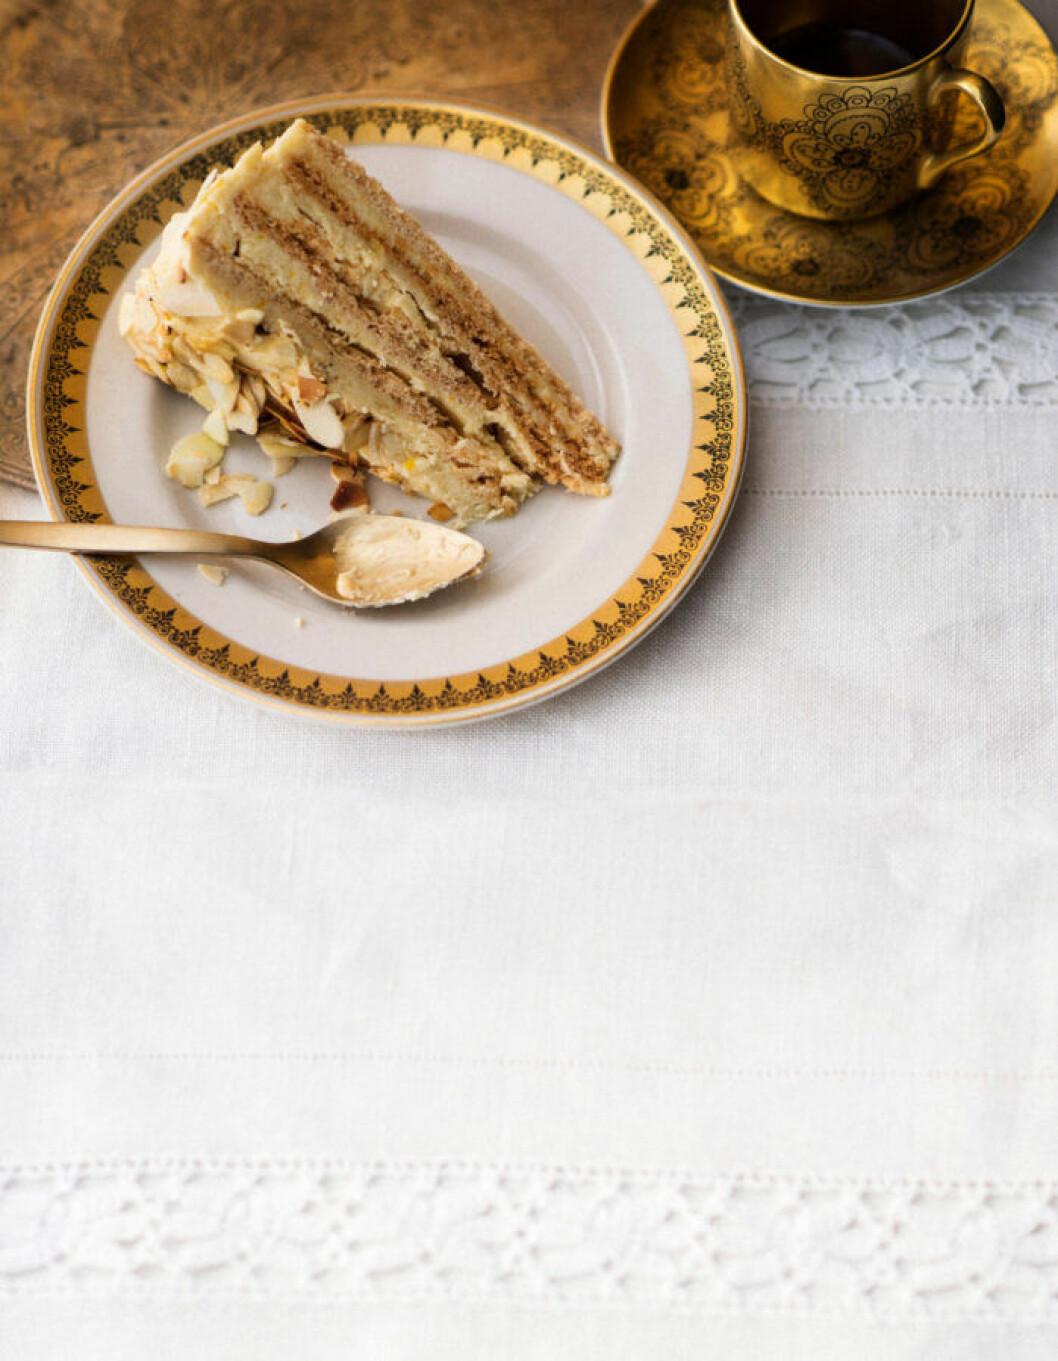 Recept på marängtårta med mandel och apelsinkräm